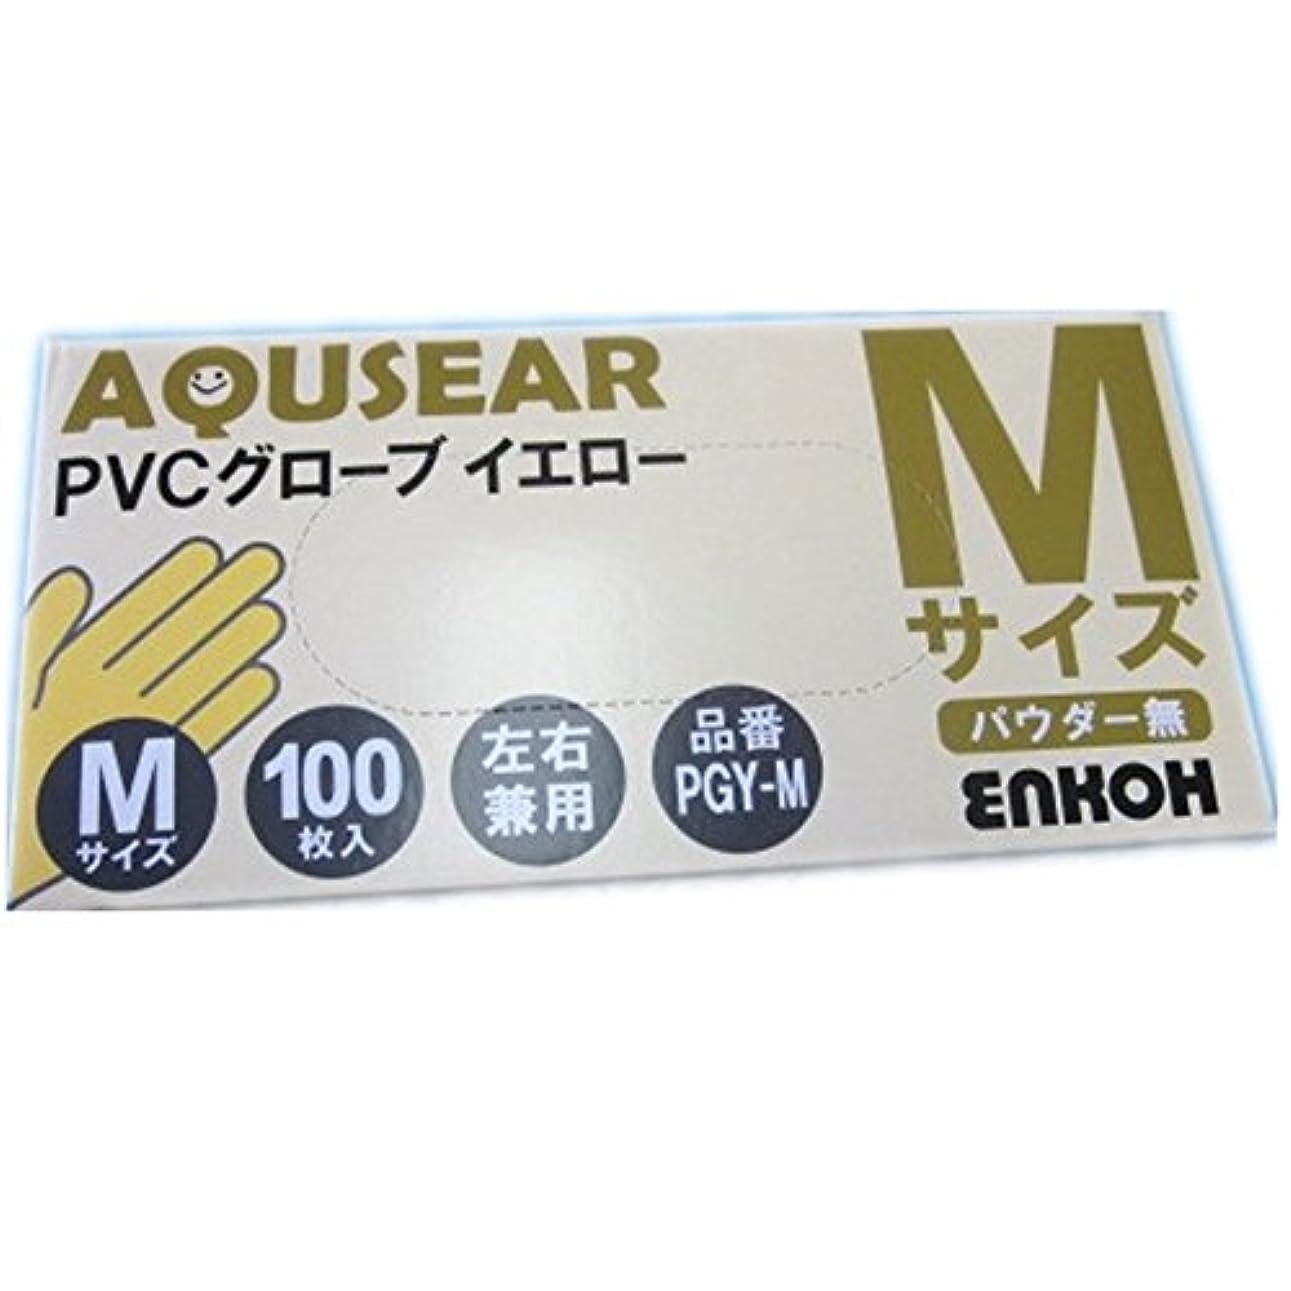 ロータリー誤解させる呪われたAQUSEAR PVC プラスチックグローブ イエロー 弾性 Mサイズ パウダー無 PGY-M 100枚×20箱